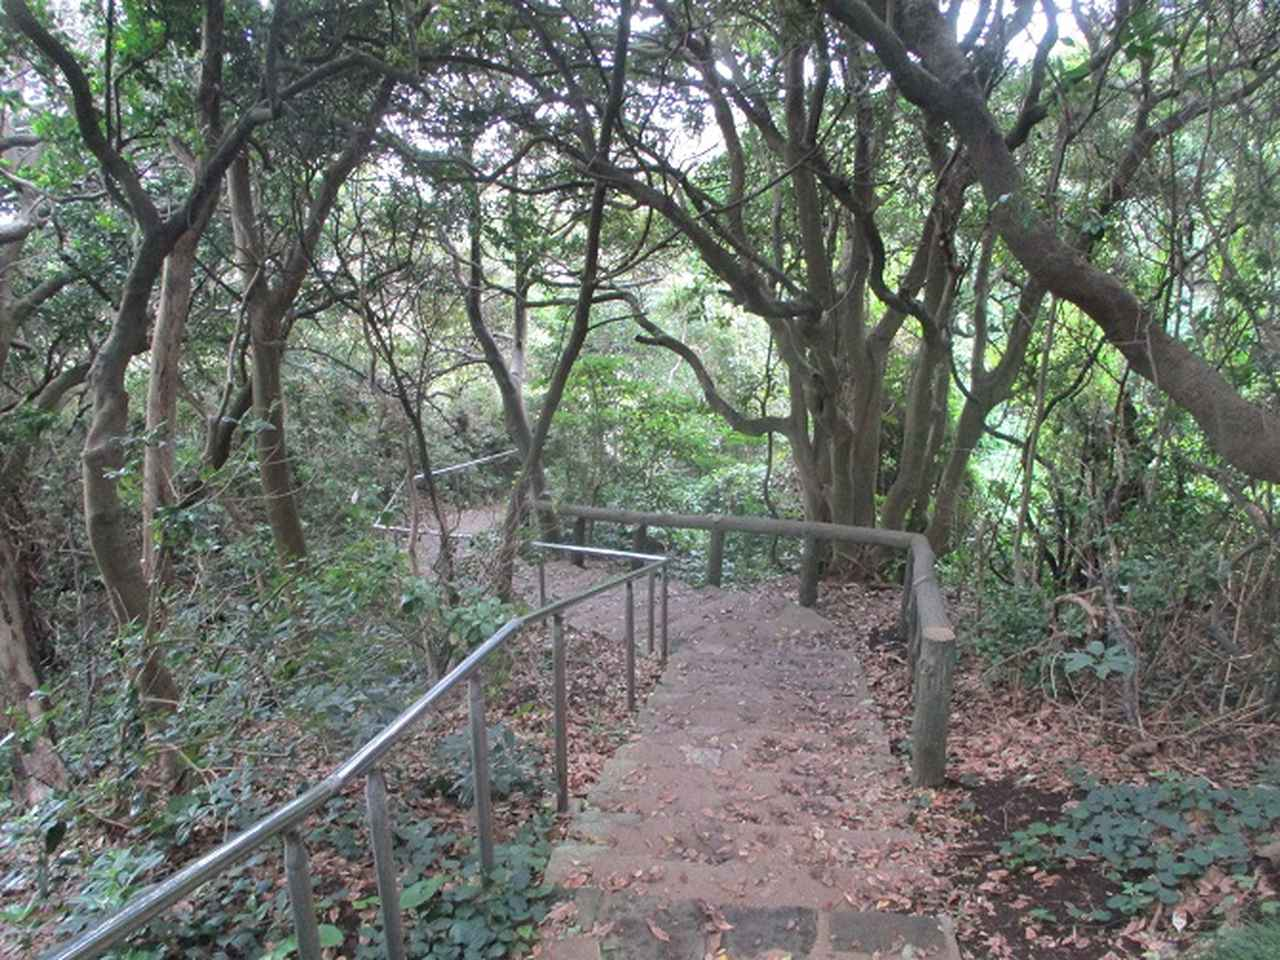 画像4: 来年の夏の企画素材を探して 三浦半島の南端・城ヶ島を歩いてみました!